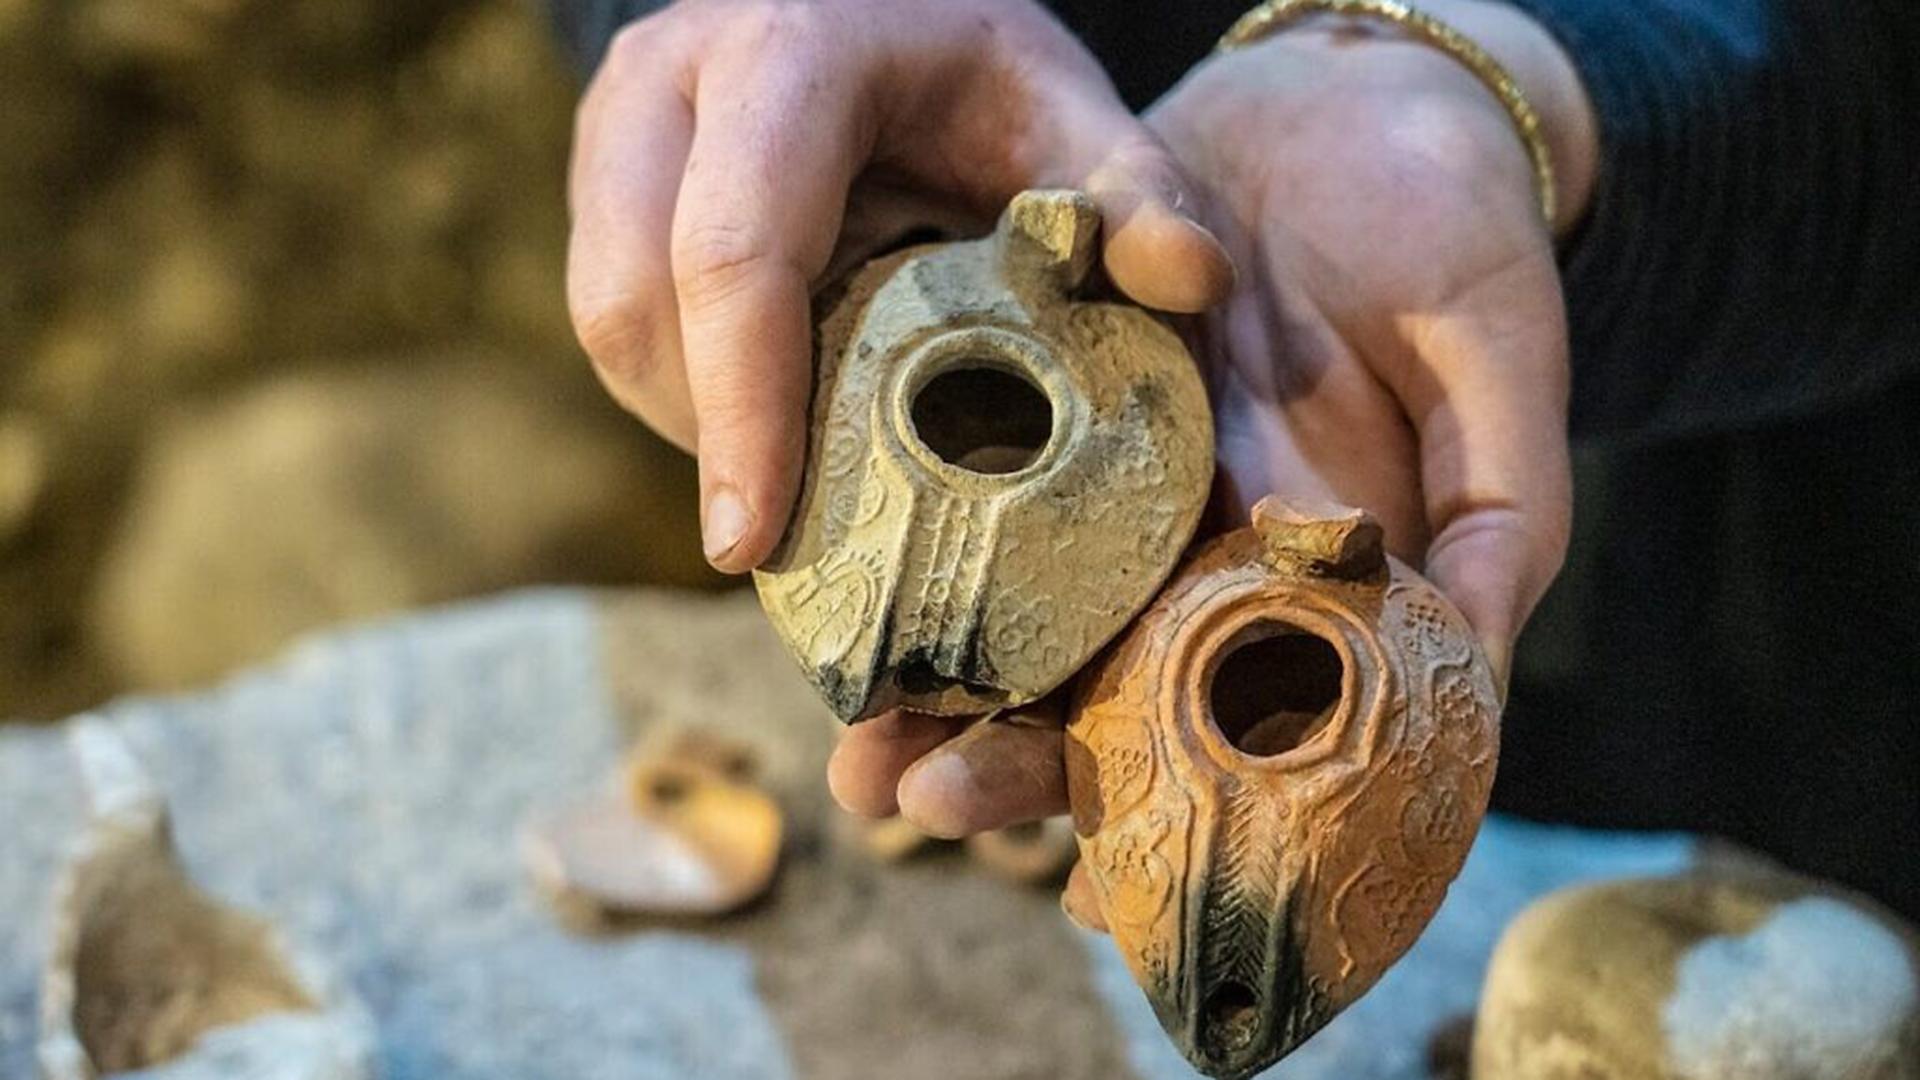 Entre otras cosas, hallaron vasijas de cocina de loza, un núcleo de lámparas de queroseno, una taza de piedra relacionada exclusivamente con los sitios judíos del Segundo Templo, y un fragmento de qalal, un gran depósito de piedra utilizado para almacenar agua, que se pensaba que estaba relacionado con las prácticas rituales judías de pureza